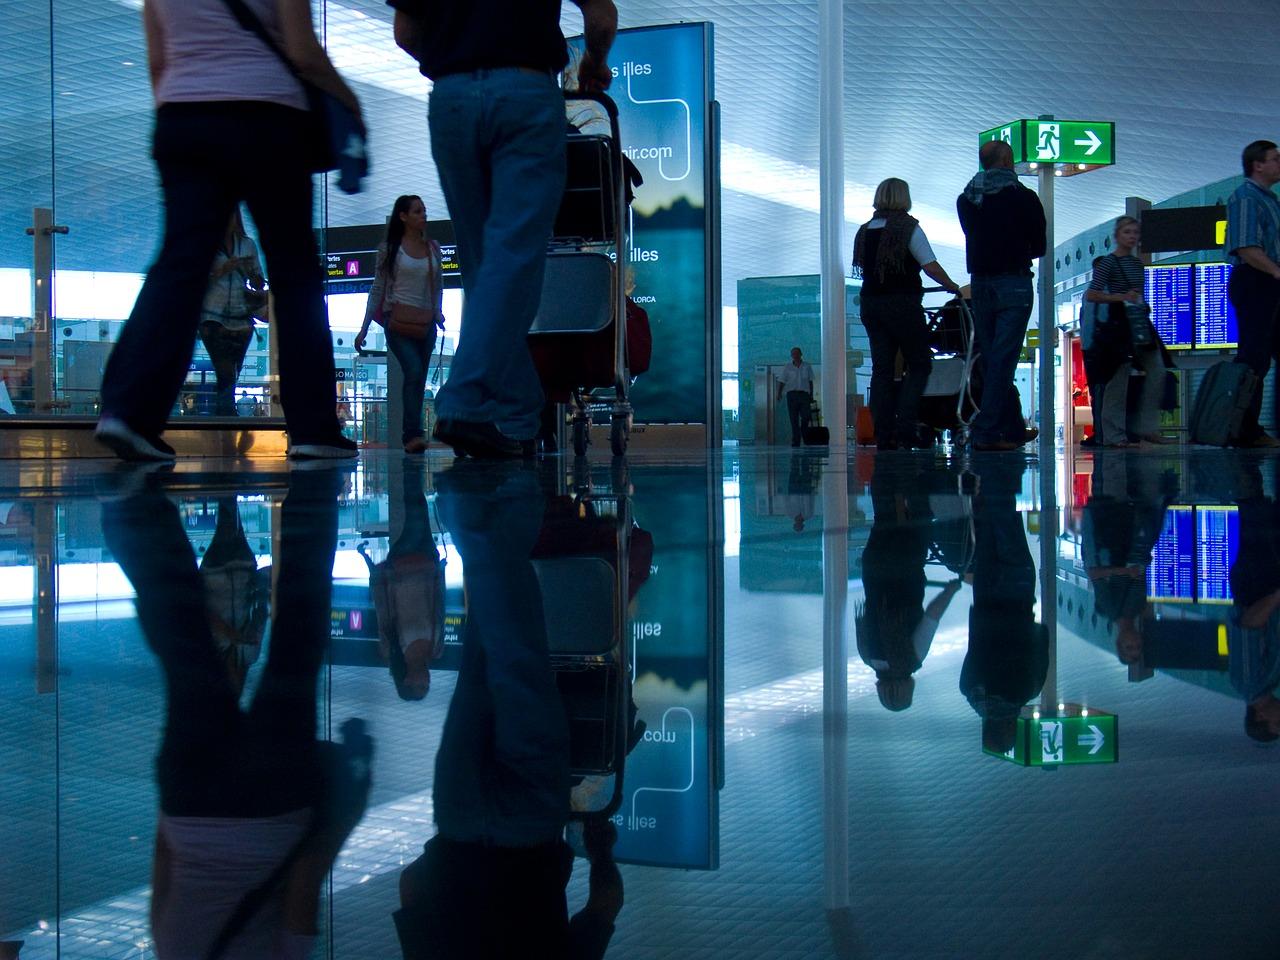 España recibió en agosto 5 millones de pasajeros internacionales, un 172% más que en 2020